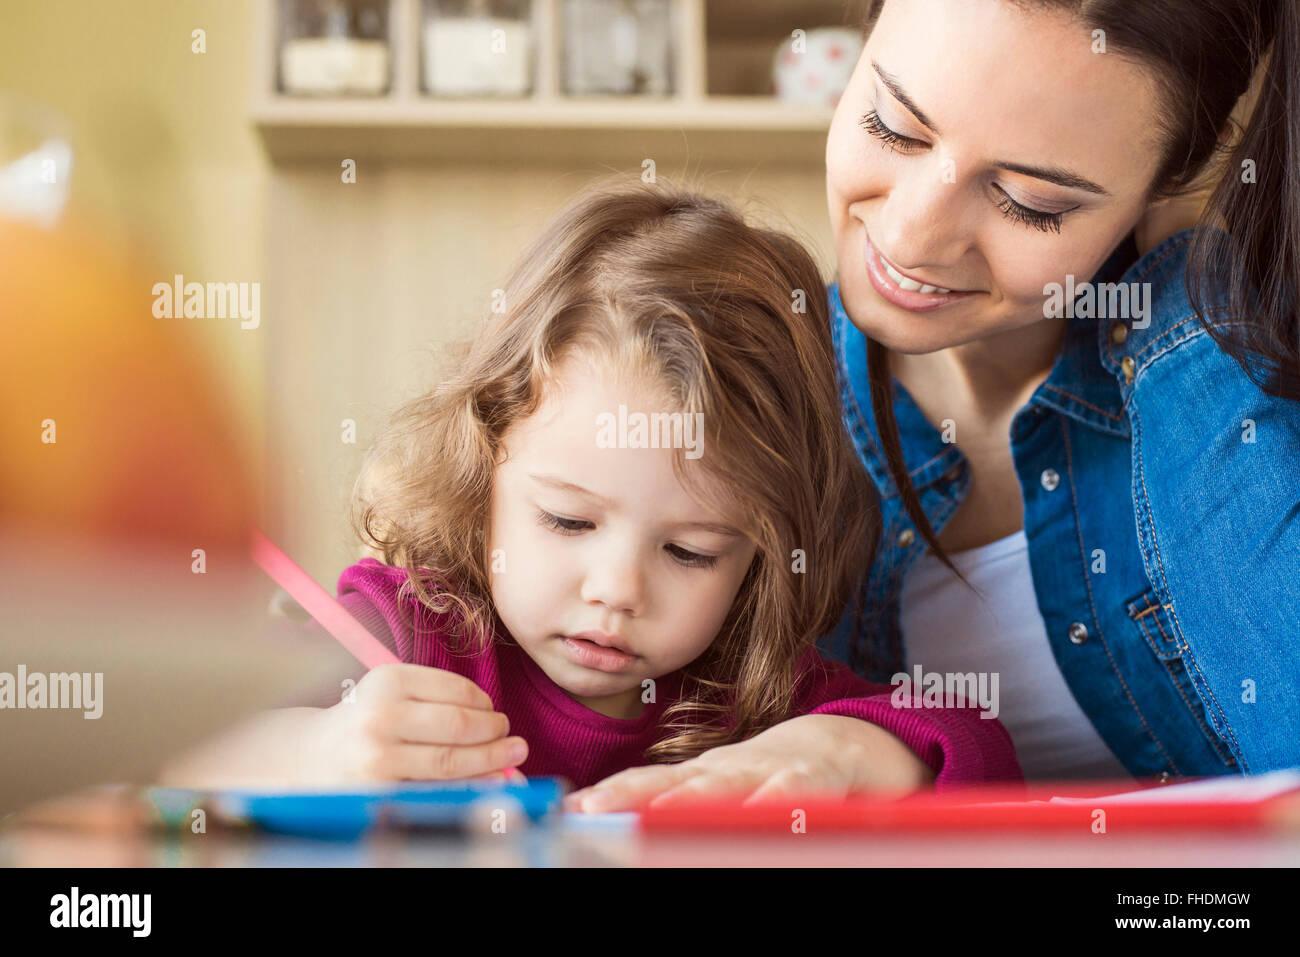 Porträt von kleinen Mädchen malen mit Farbstiften, während Mutter ihr zusieht Stockbild